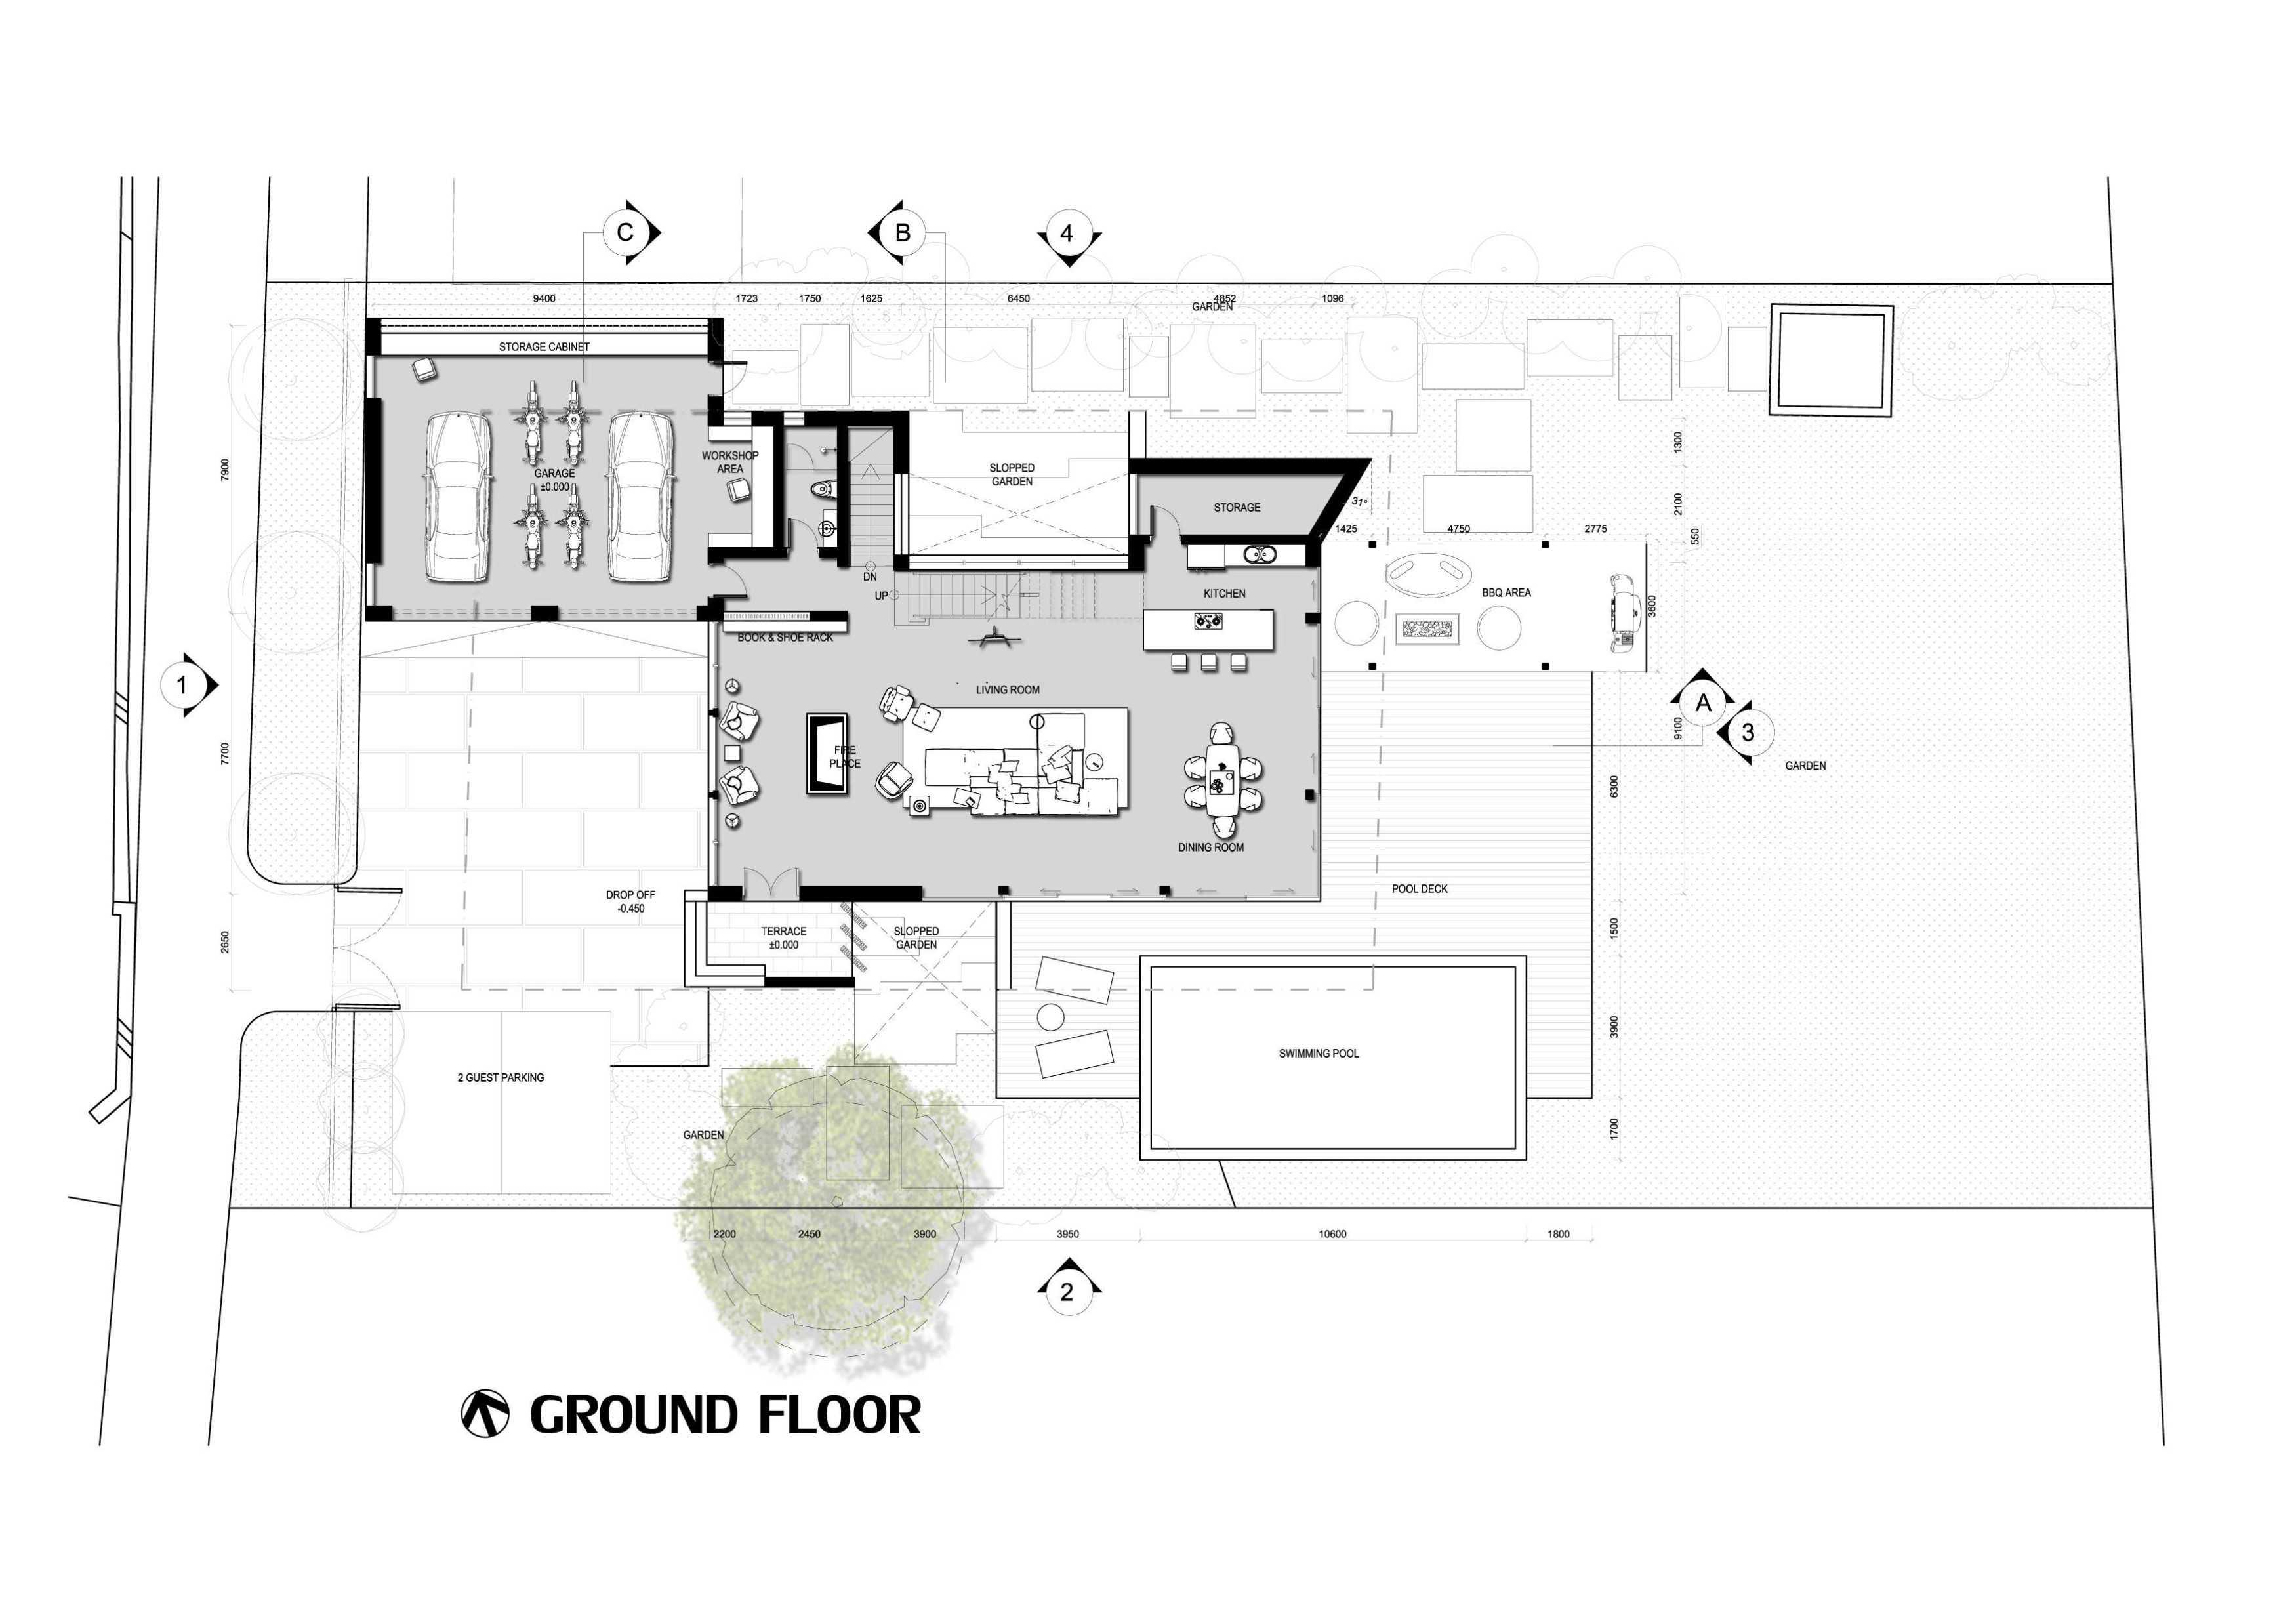 Bral Architect Alpen House In Germany 46519 Alpen, Jerman 46519 Alpen, Jerman Bral-Architect-Alpen-House-In-Germany   99900